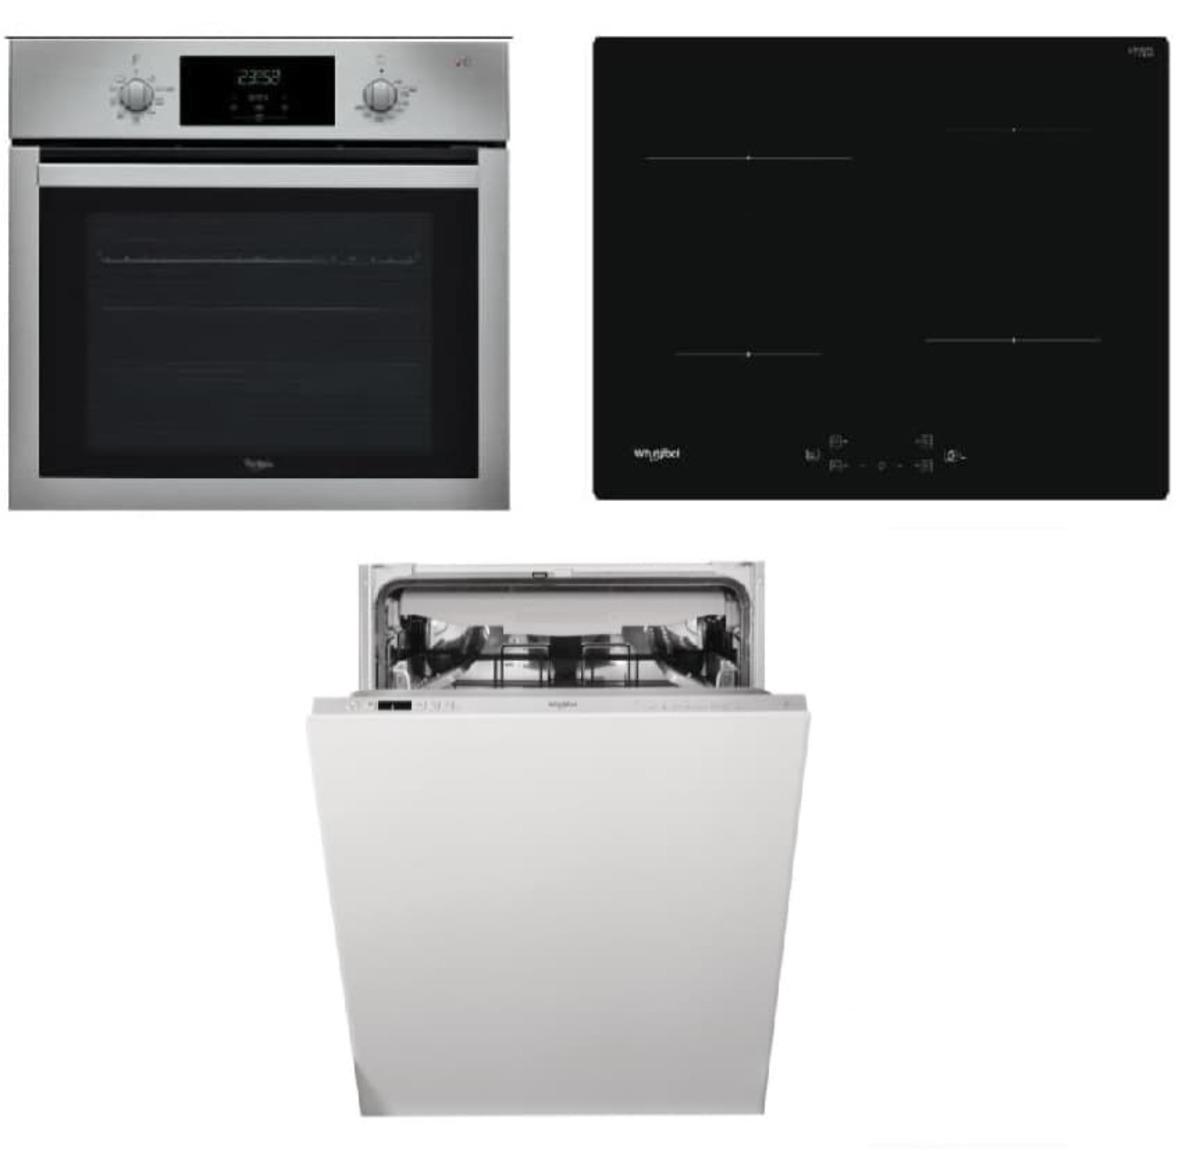 Set spotřebičů Whirlpool trouba AKP742IX + indukční deska WSQ7360NE + vestavná myčka 60cm WIC3C26F